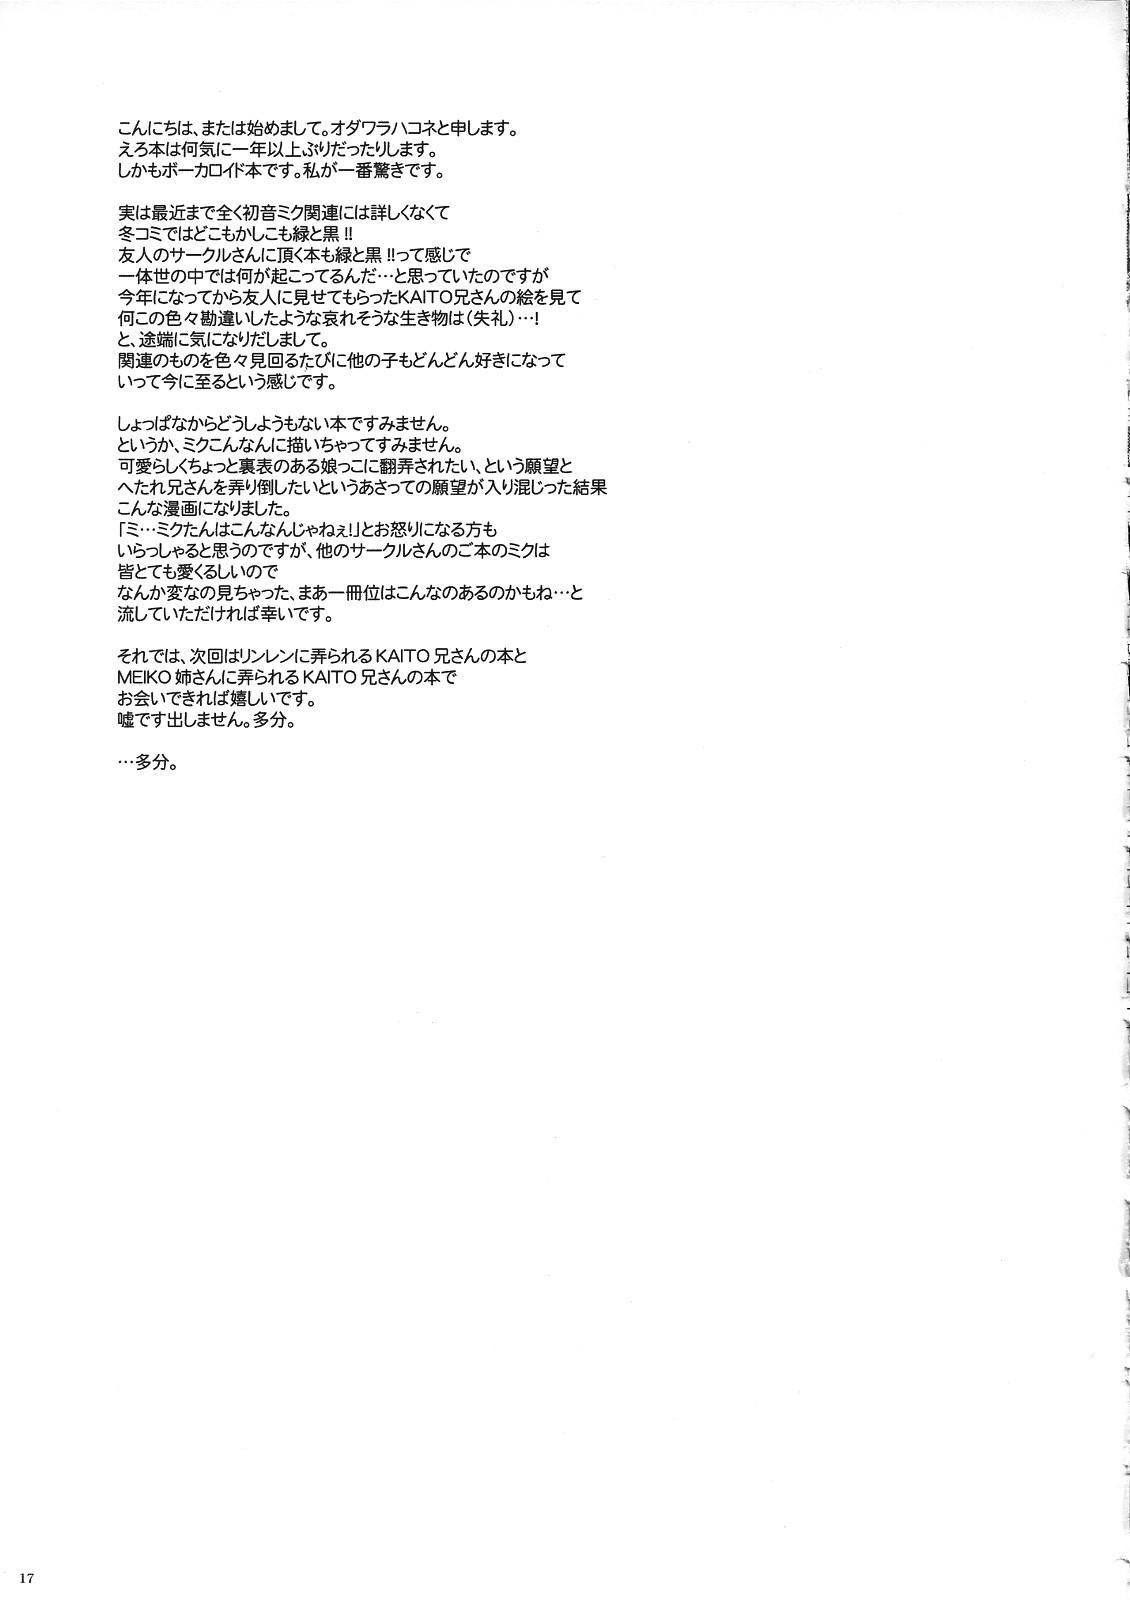 Kuro Miku ga Kaito-niisan ni Seiteki na Imi de Yatsu Atari Suru Hon 15